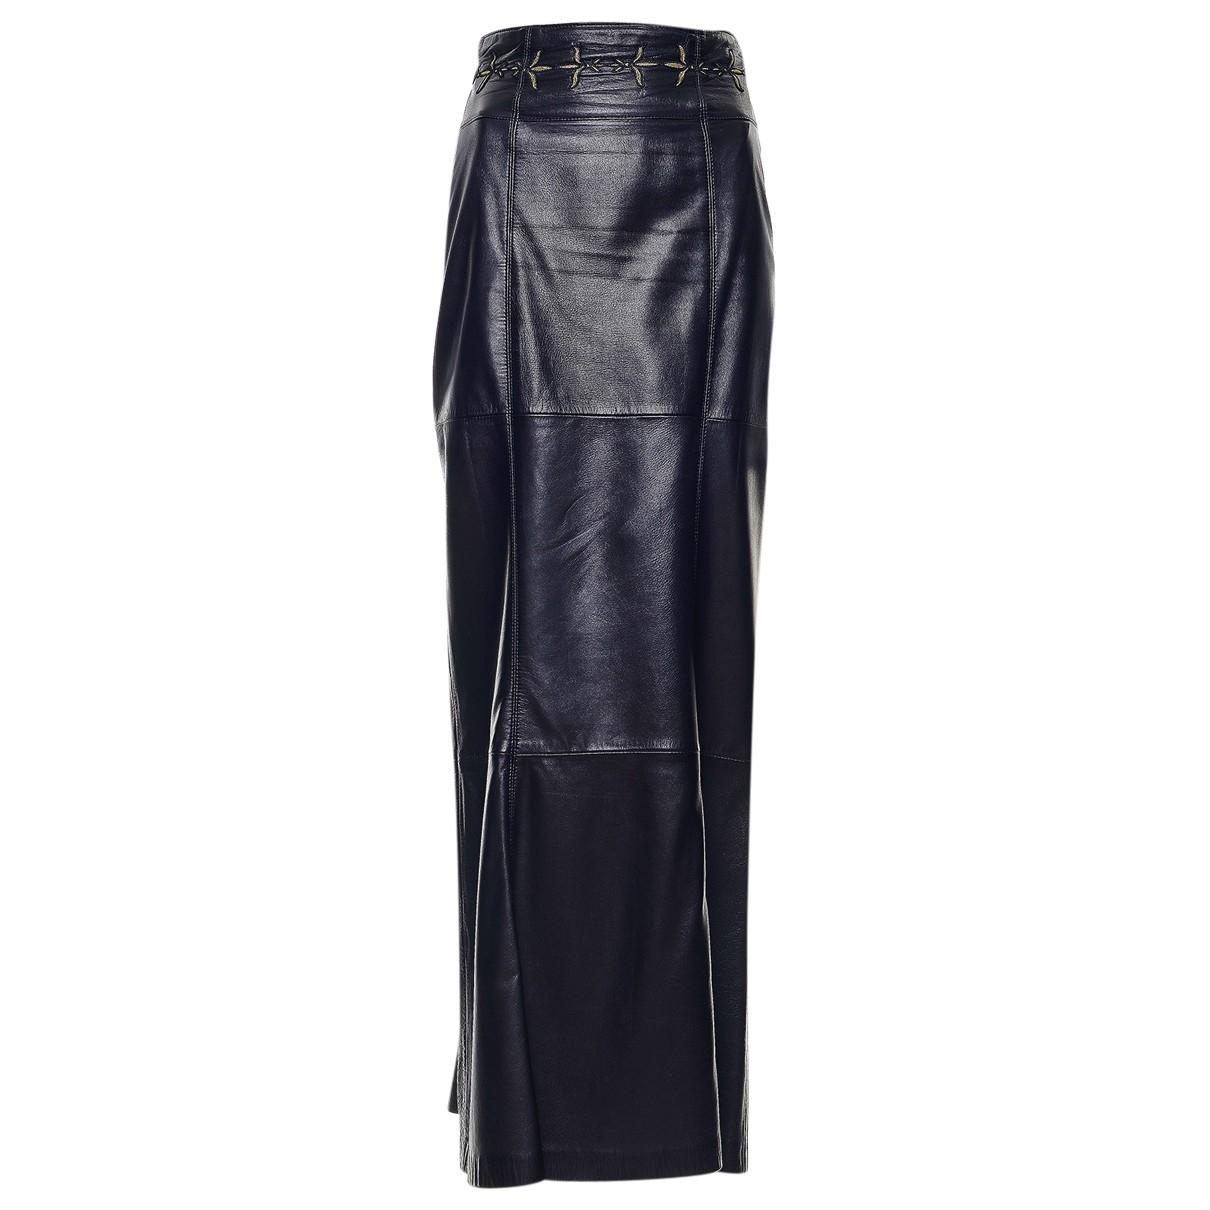 Escada \N Black Leather skirt for Women S International